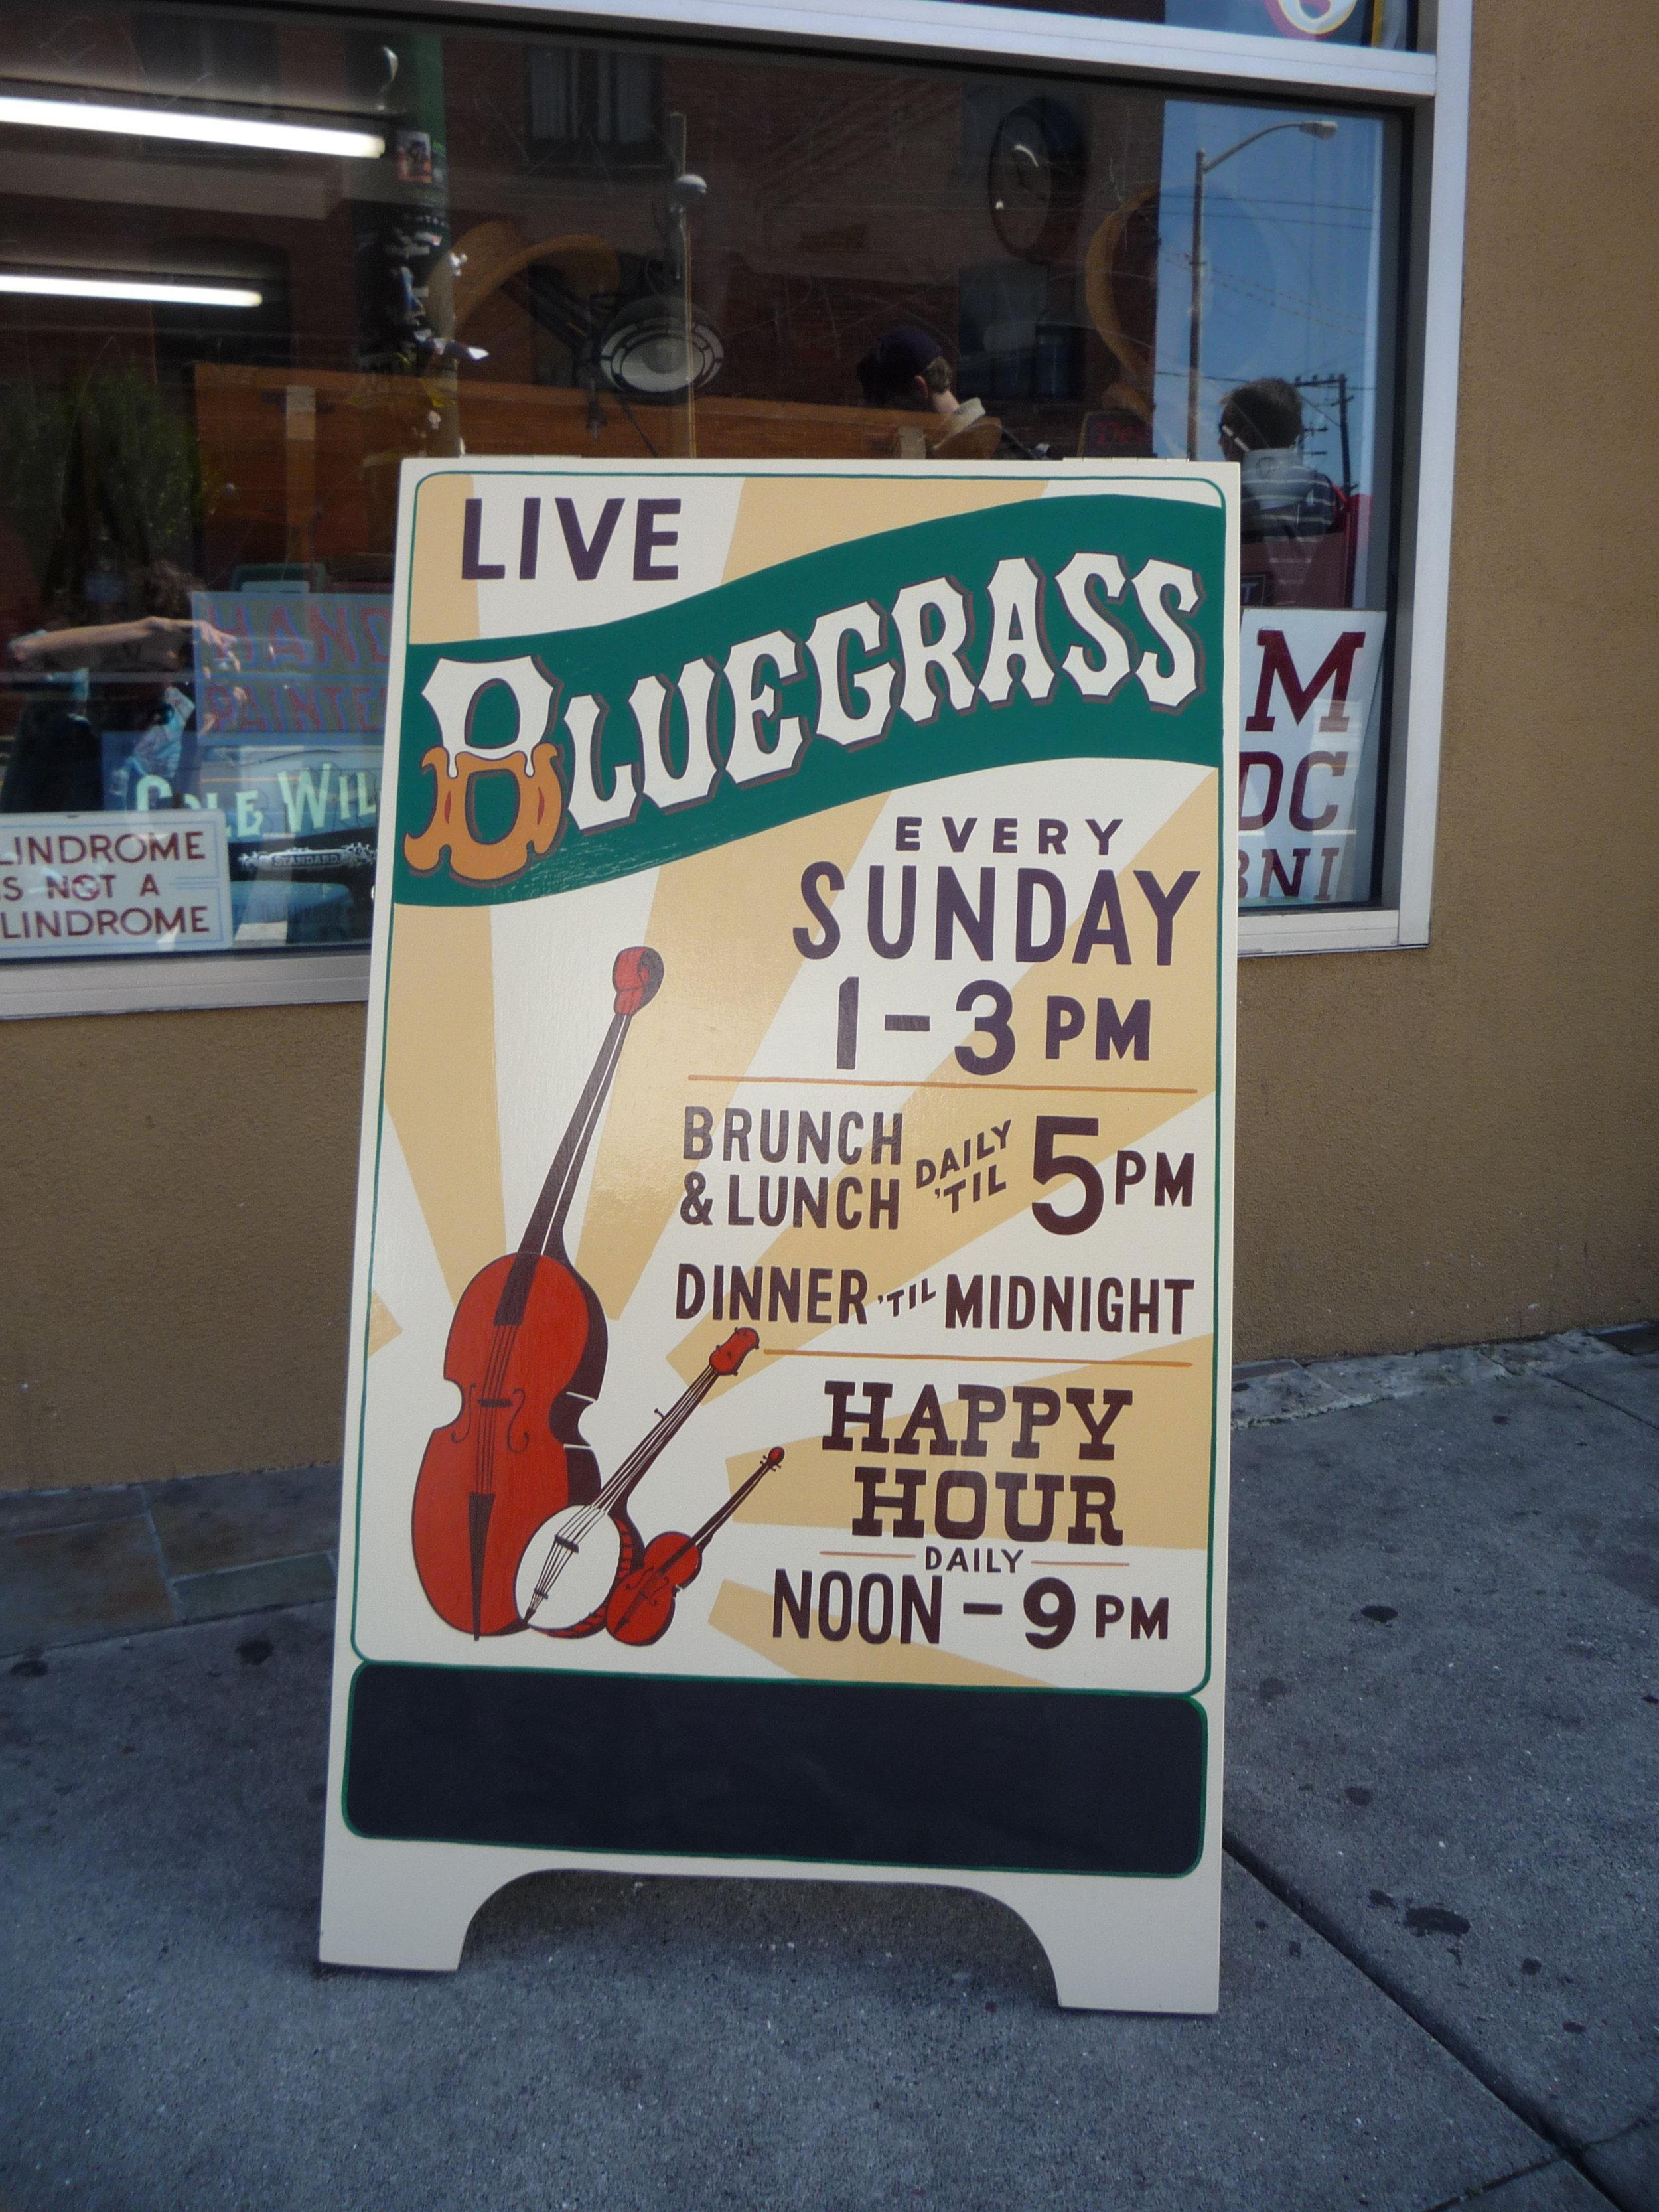 A-FRAME-live-bluegrass-at-the-buckshot-bar_4746995943_o.jpg